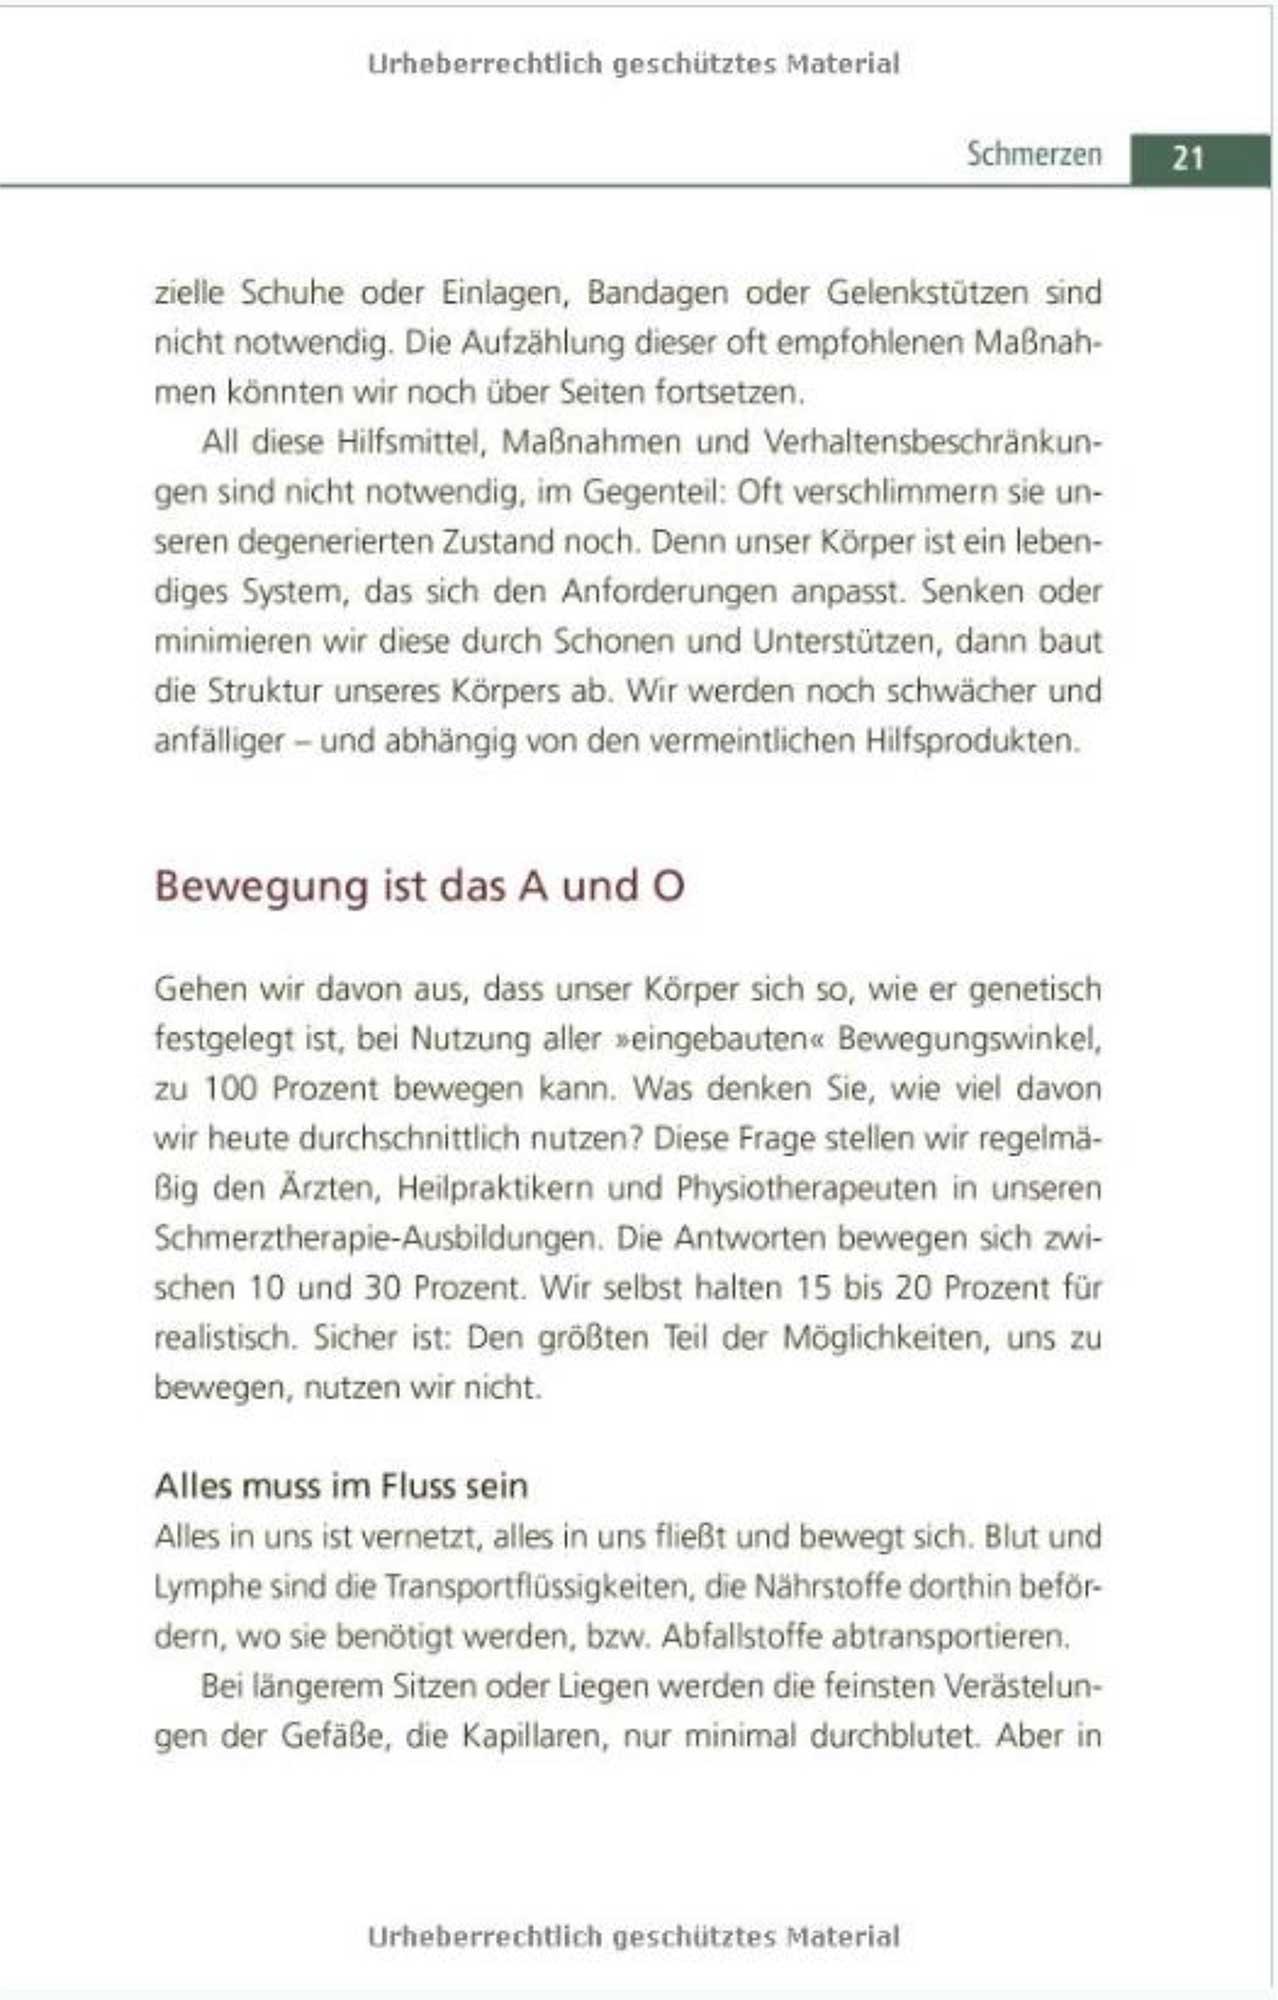 produkt-buch-knieratgeber-seite-5